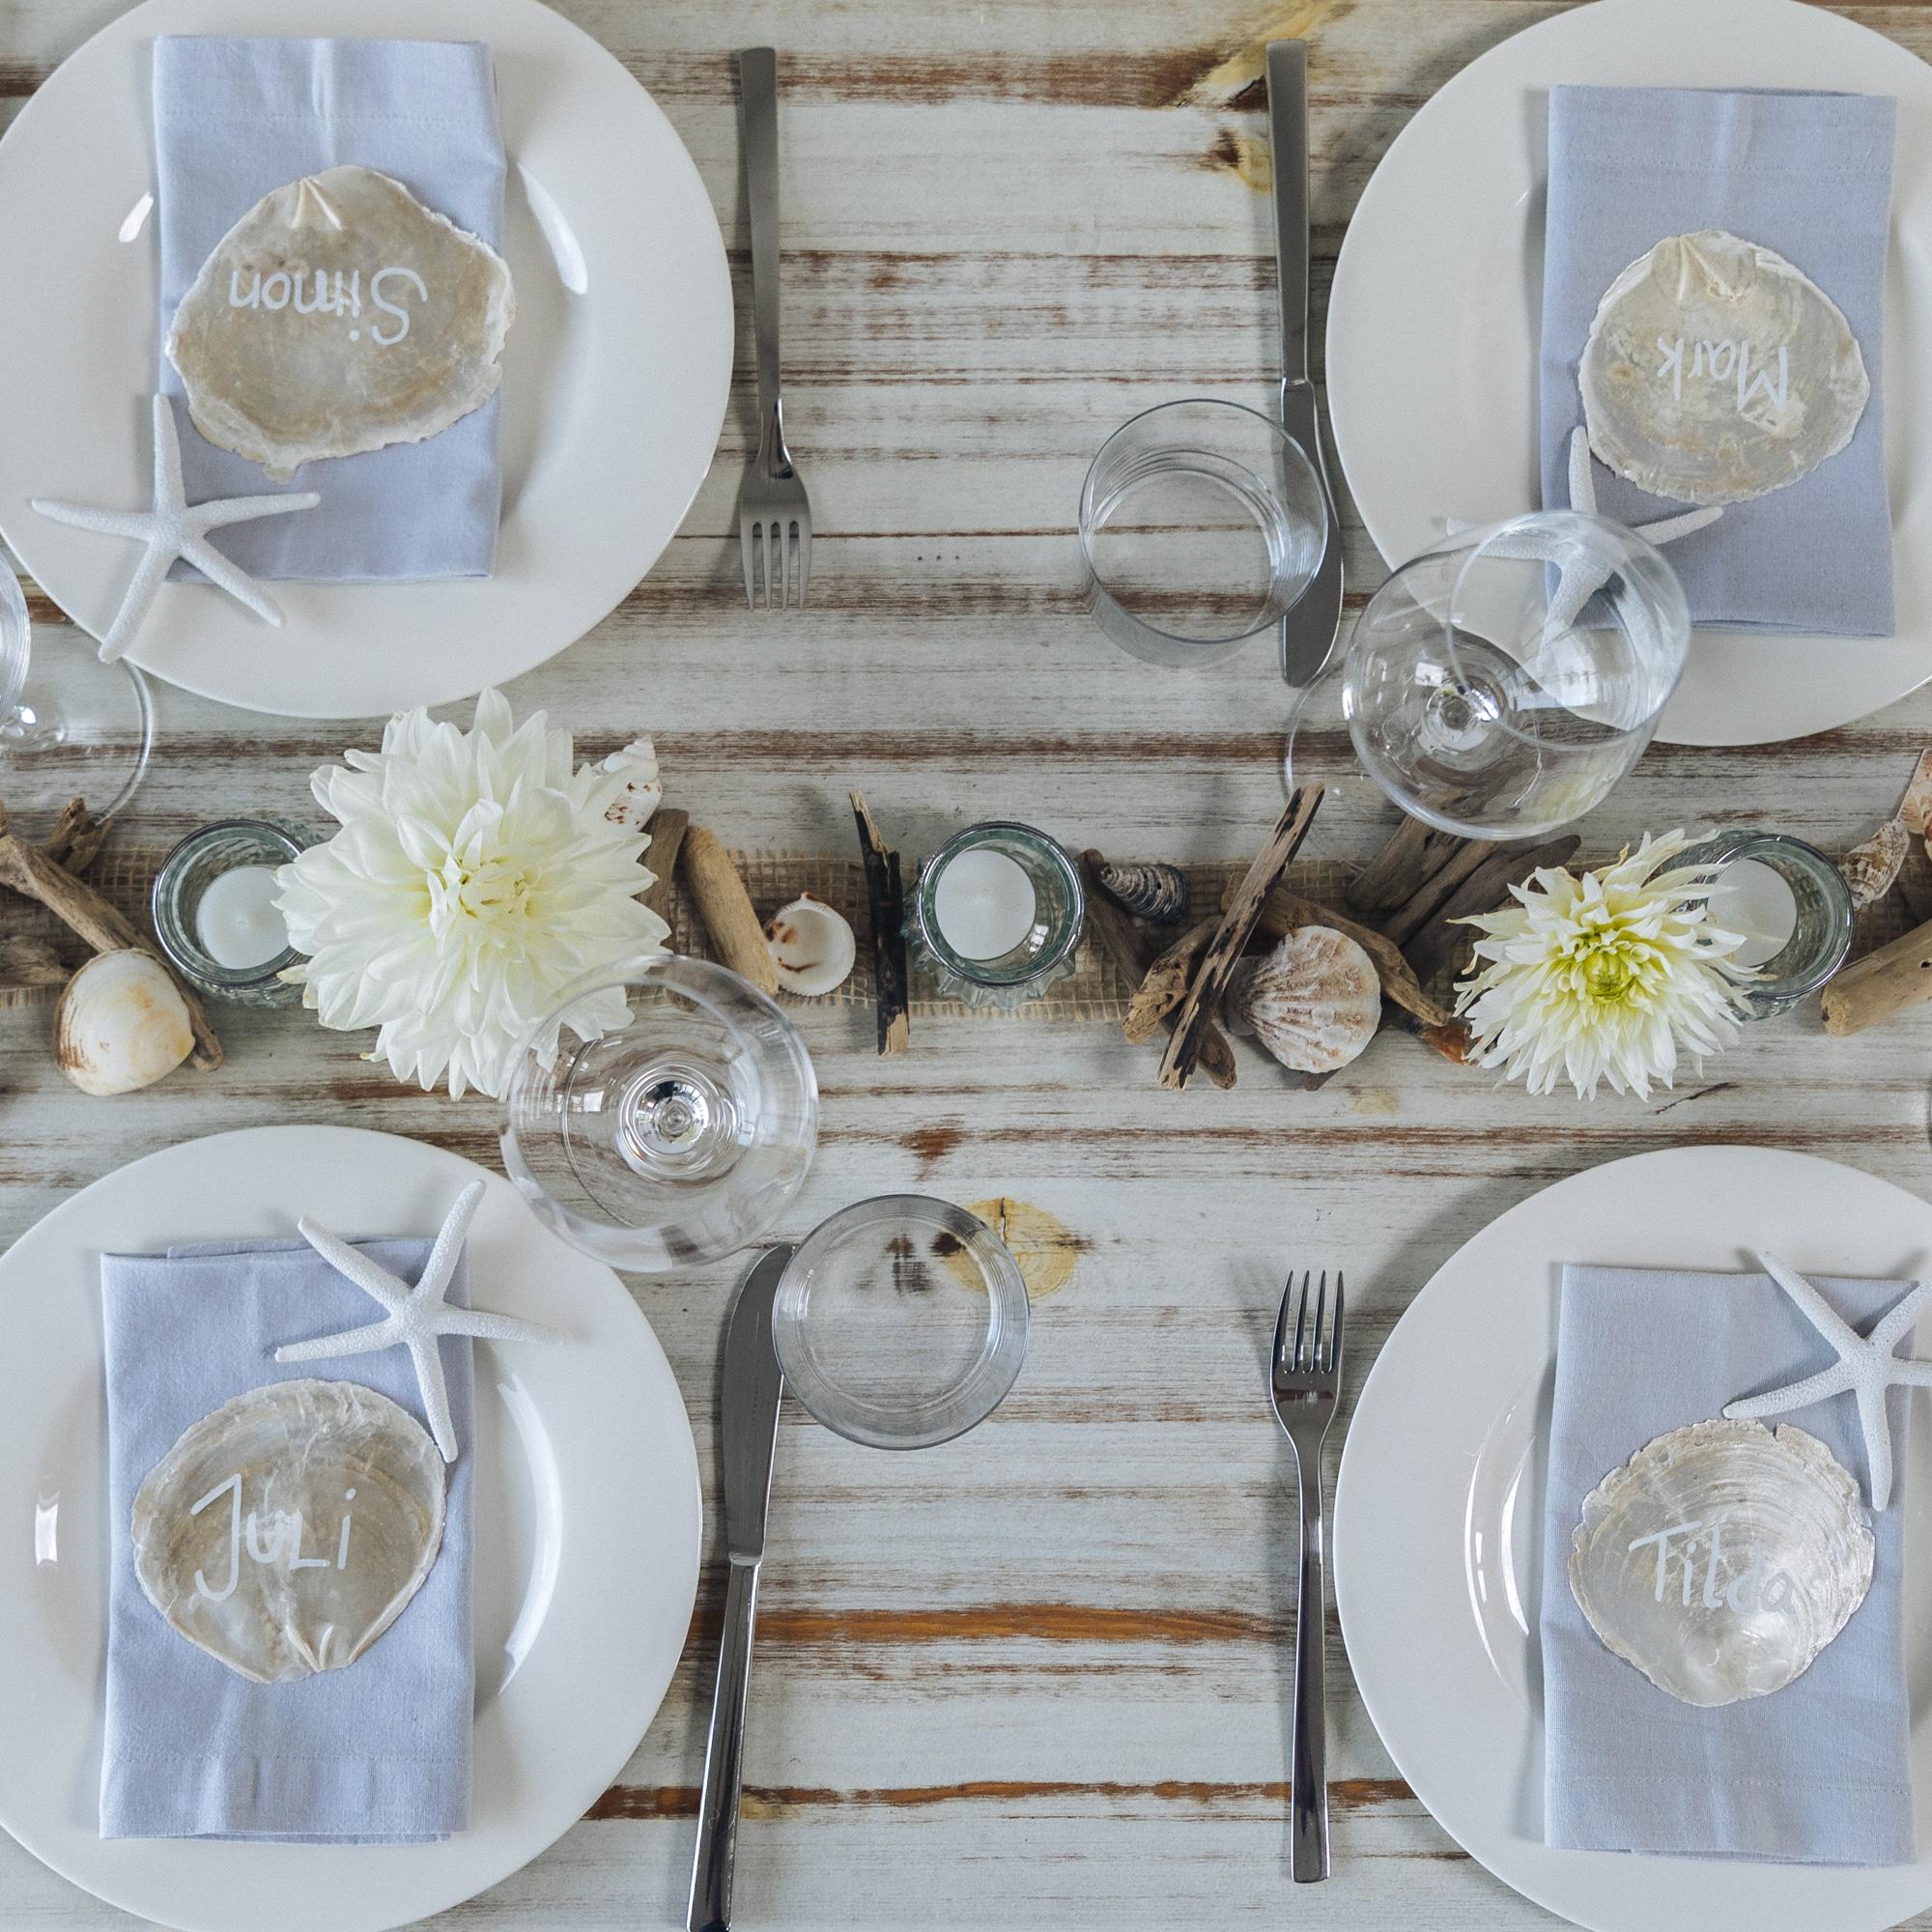 Tisch-Deko mit Schwemmholz: maritim gedeckter Tisch von oben fotografiert mit Teelichtern, Muscheln und Dahlien